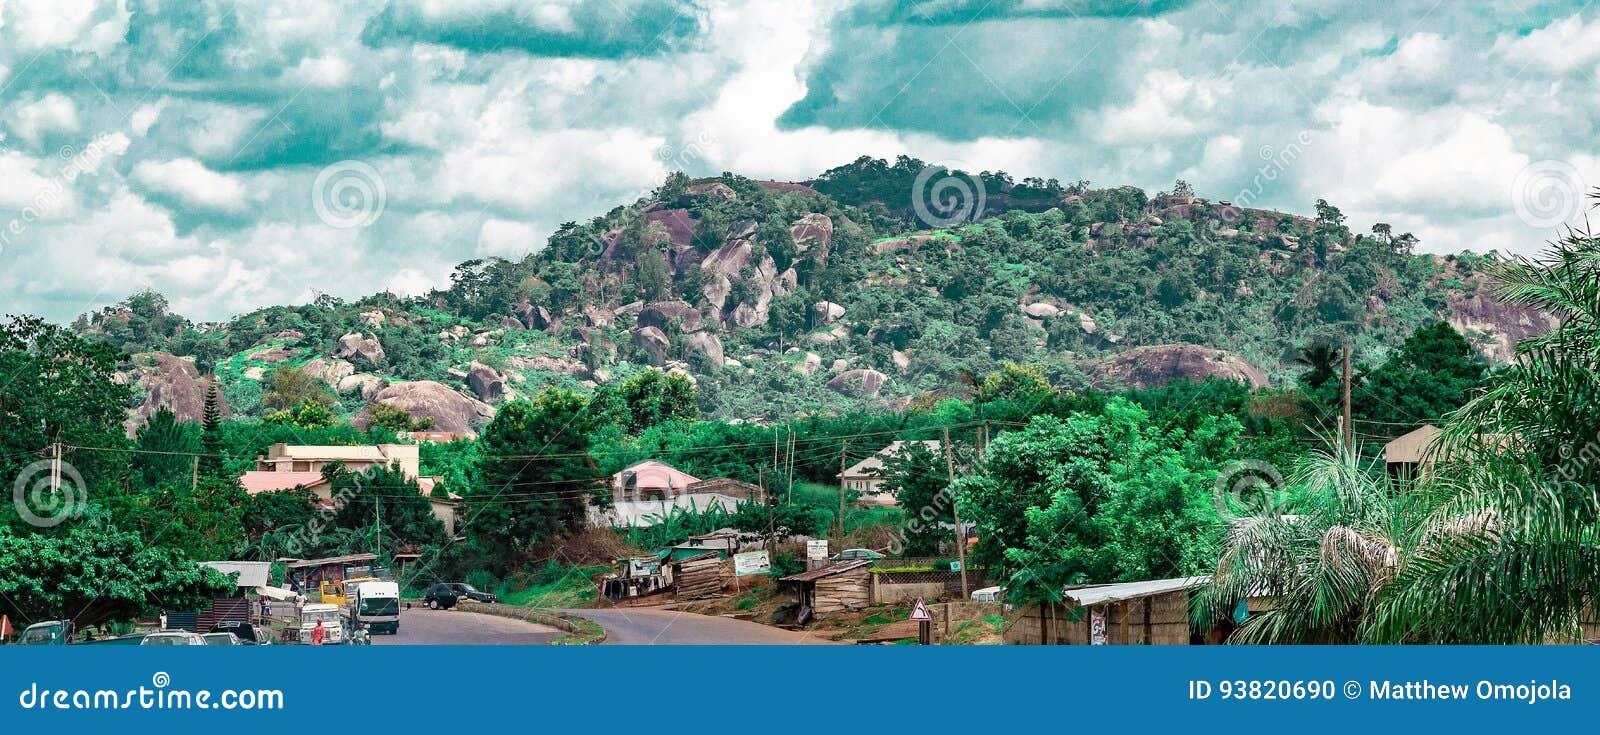 Einer der Ekiti-Hügel in Nigeria